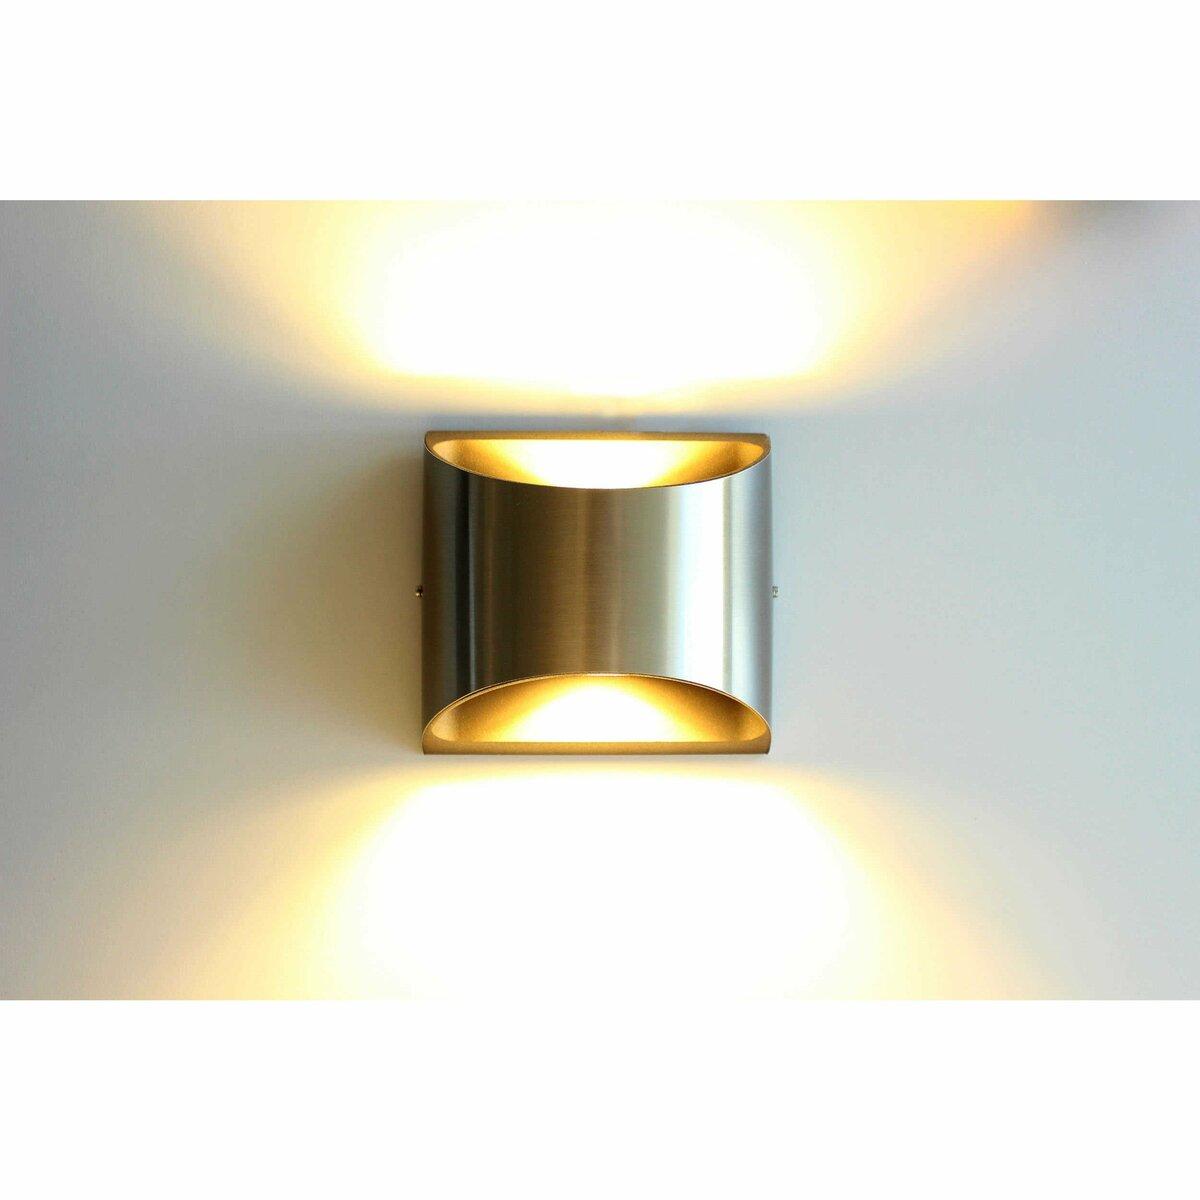 Bild 2 von Eco-Light LED-Außenwandleuchte   Dodd